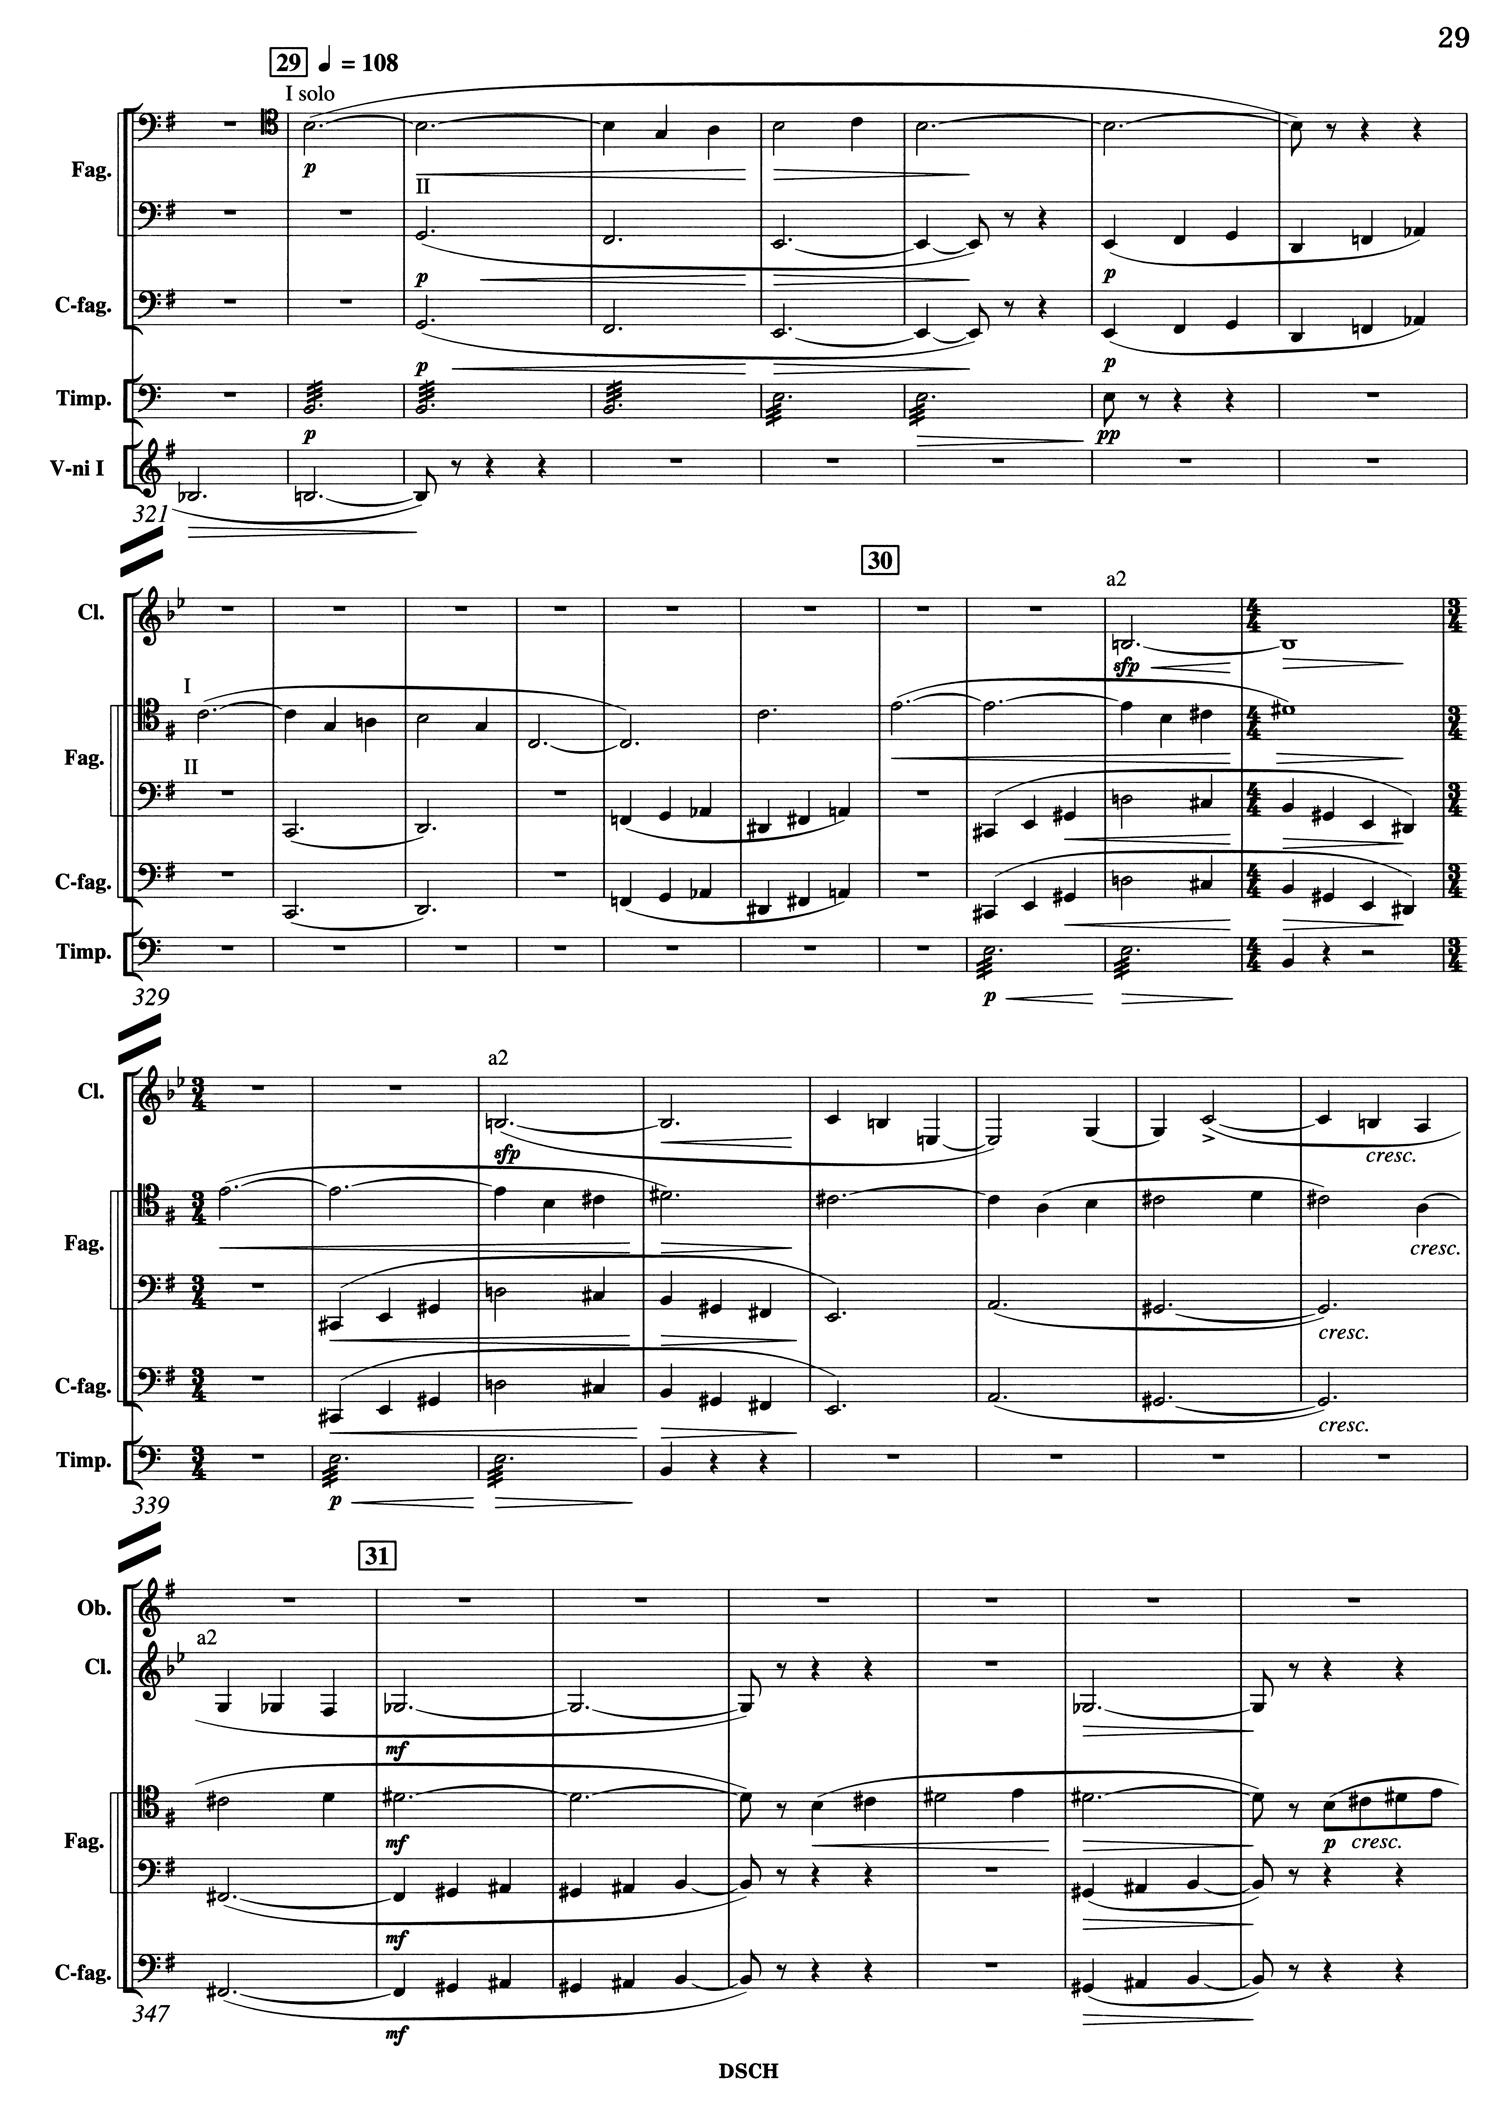 Shostakovich 10 Mvt 1 Score Page 1.jpg